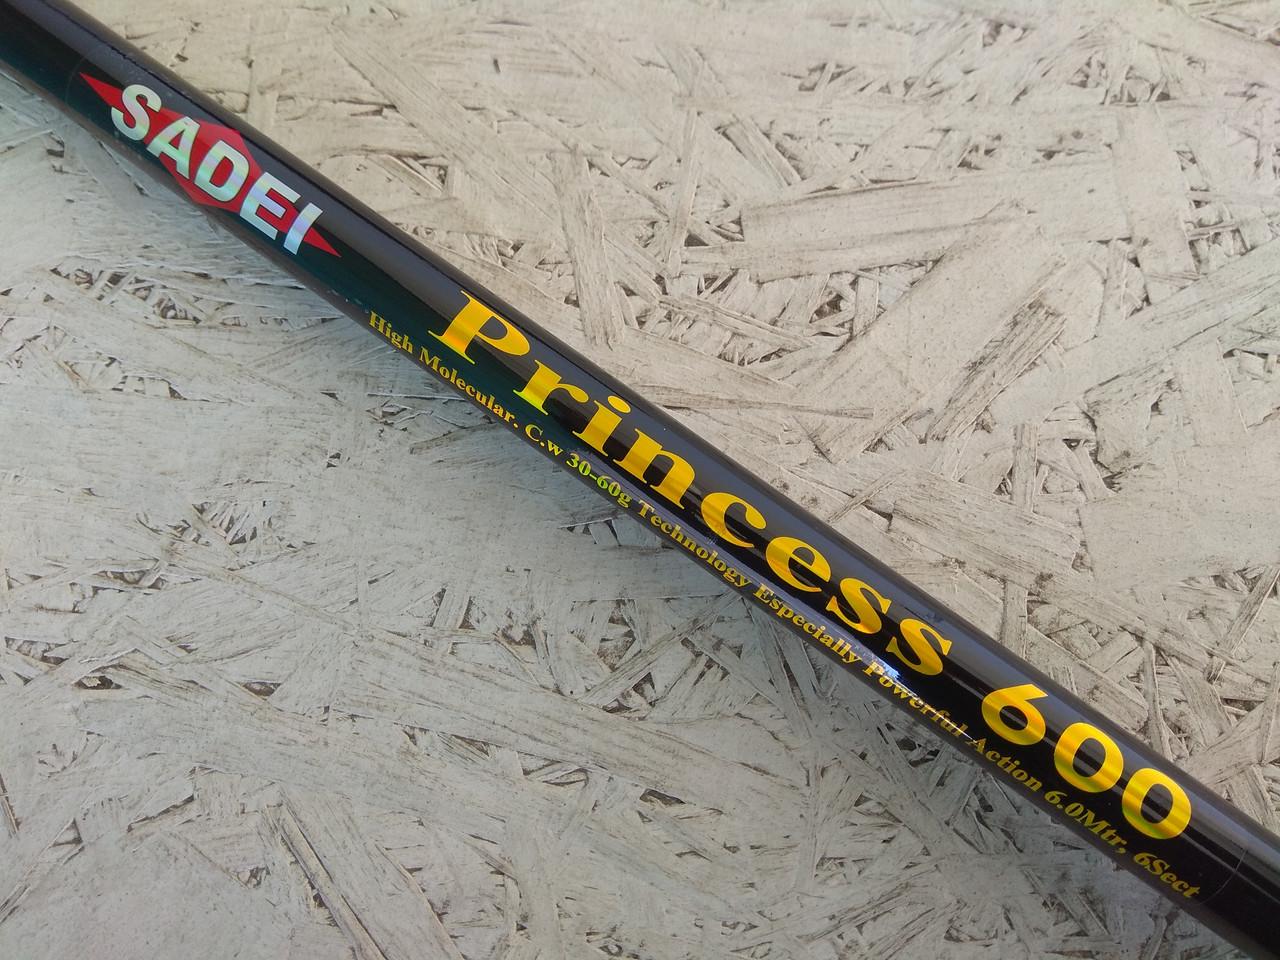 Удочка Sadei Princess 600 с кольцами